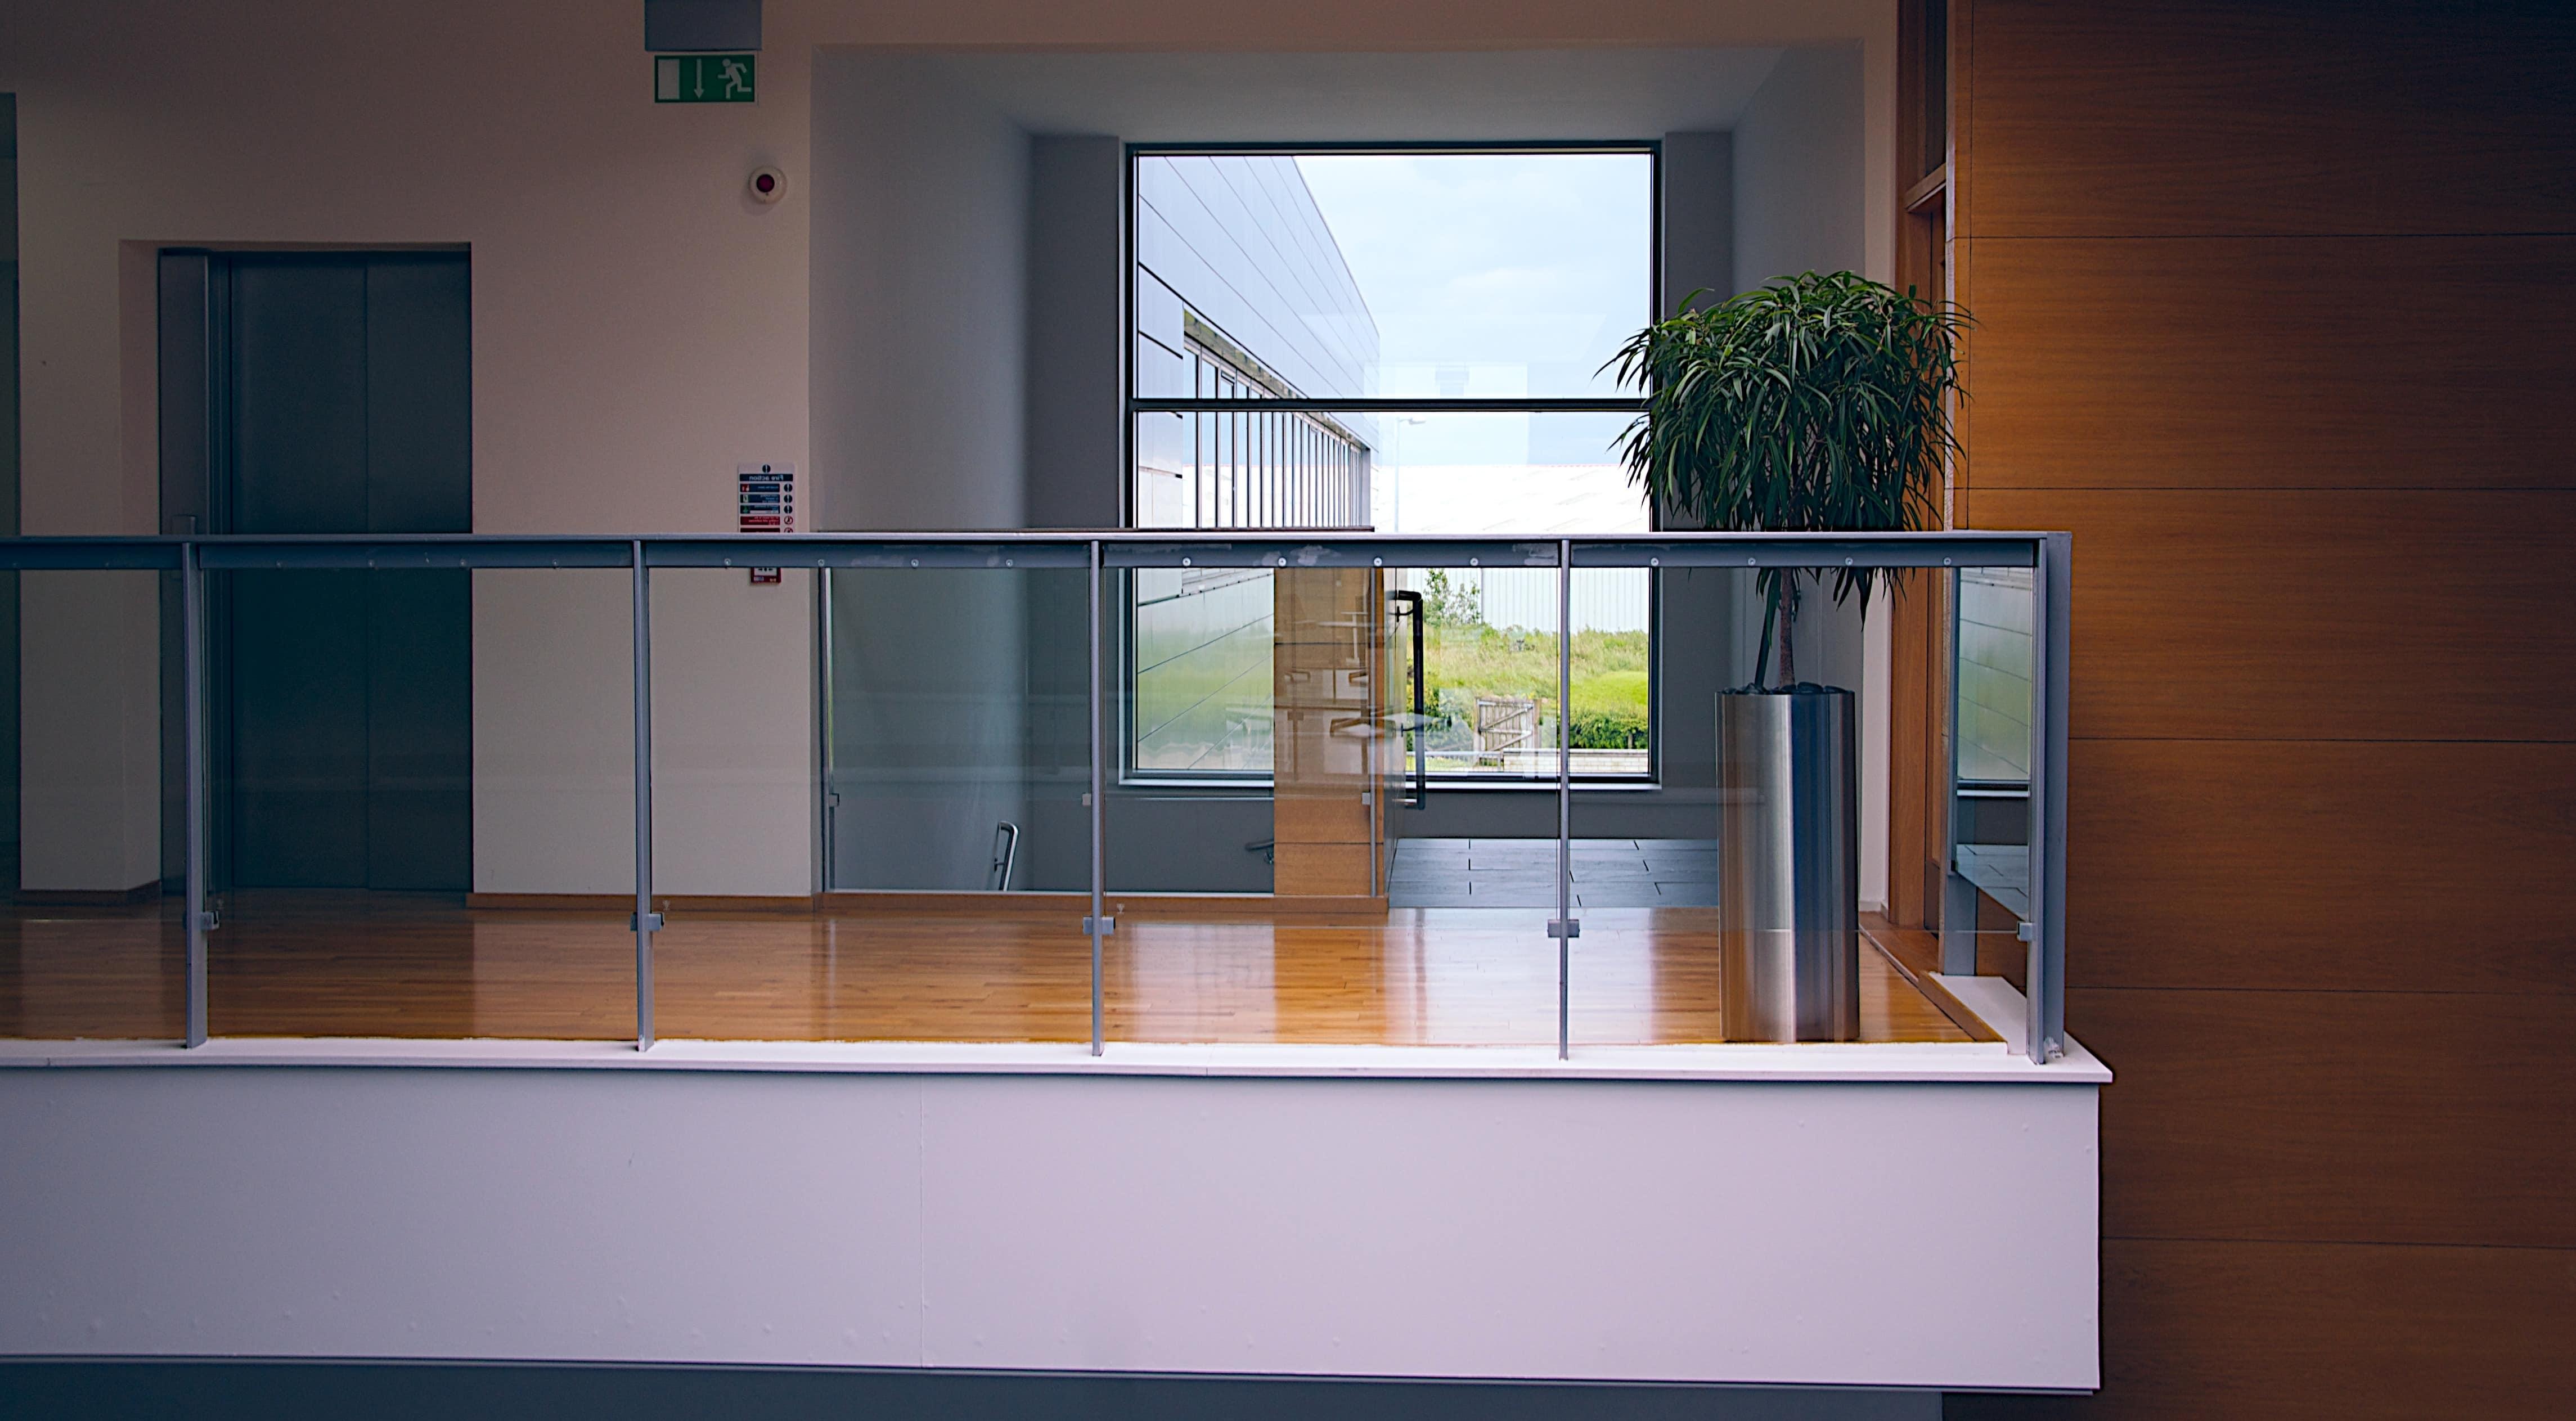 Kostenlose Bild Innenraum Möbel Tür Moderne Haus Zimmer